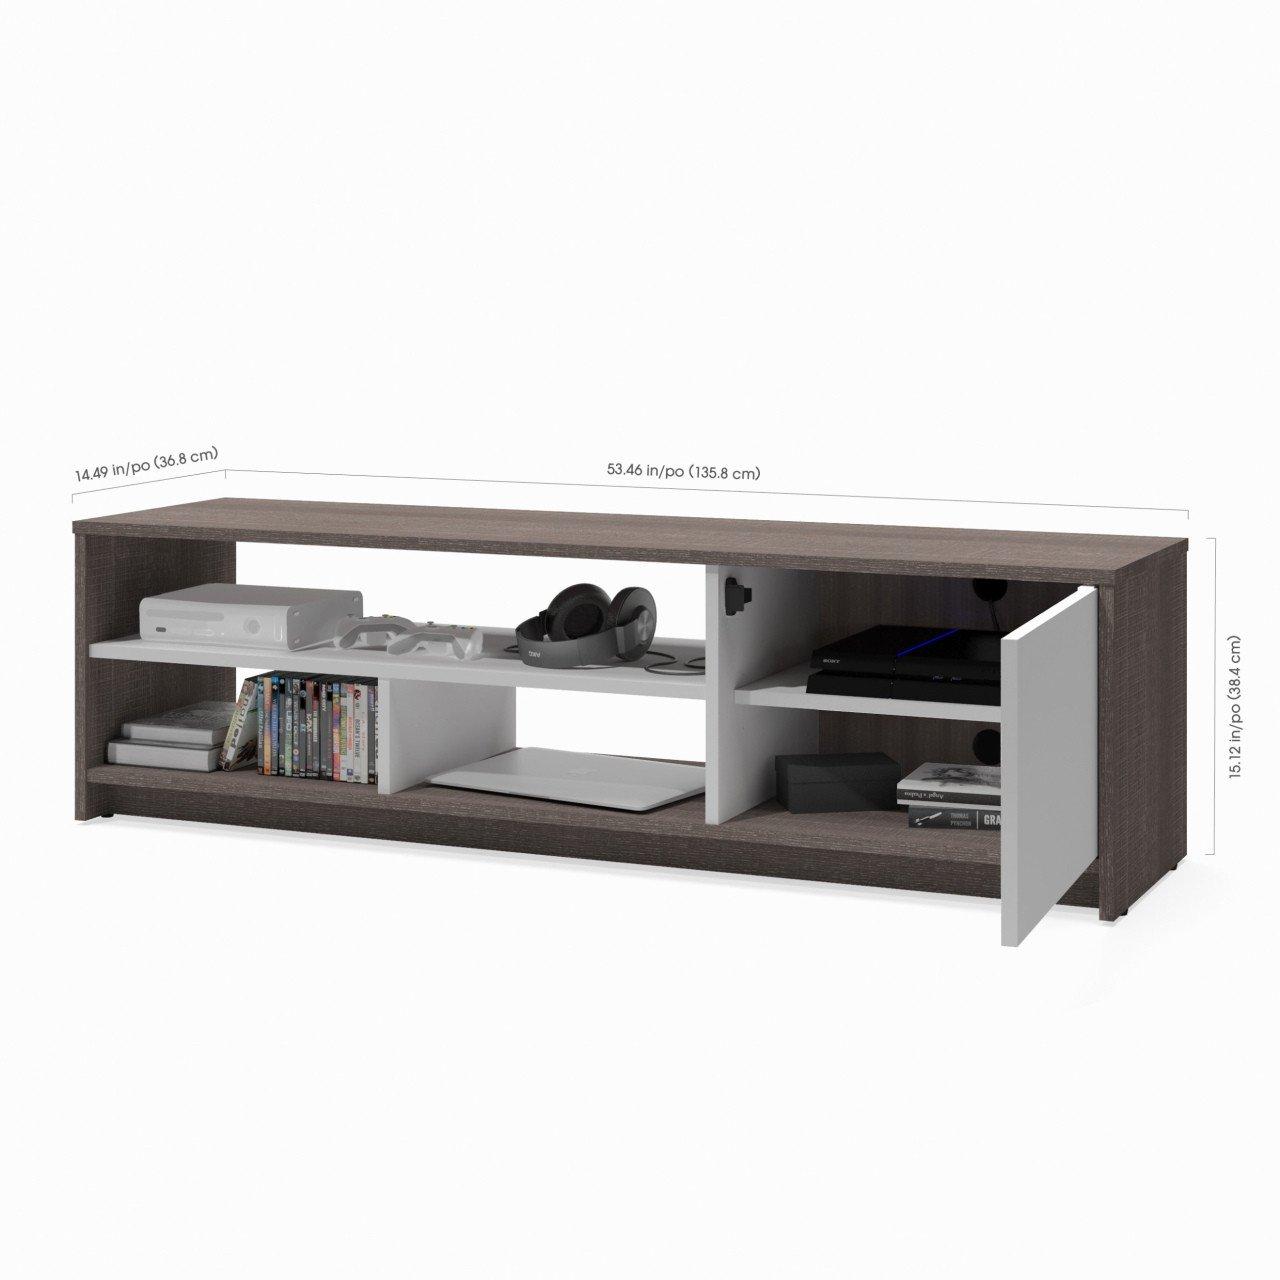 Table for Tv In Bedroom Best Of Bedroom Tv Stand High Tv Stand for Bedroom Fresh Tv Stands